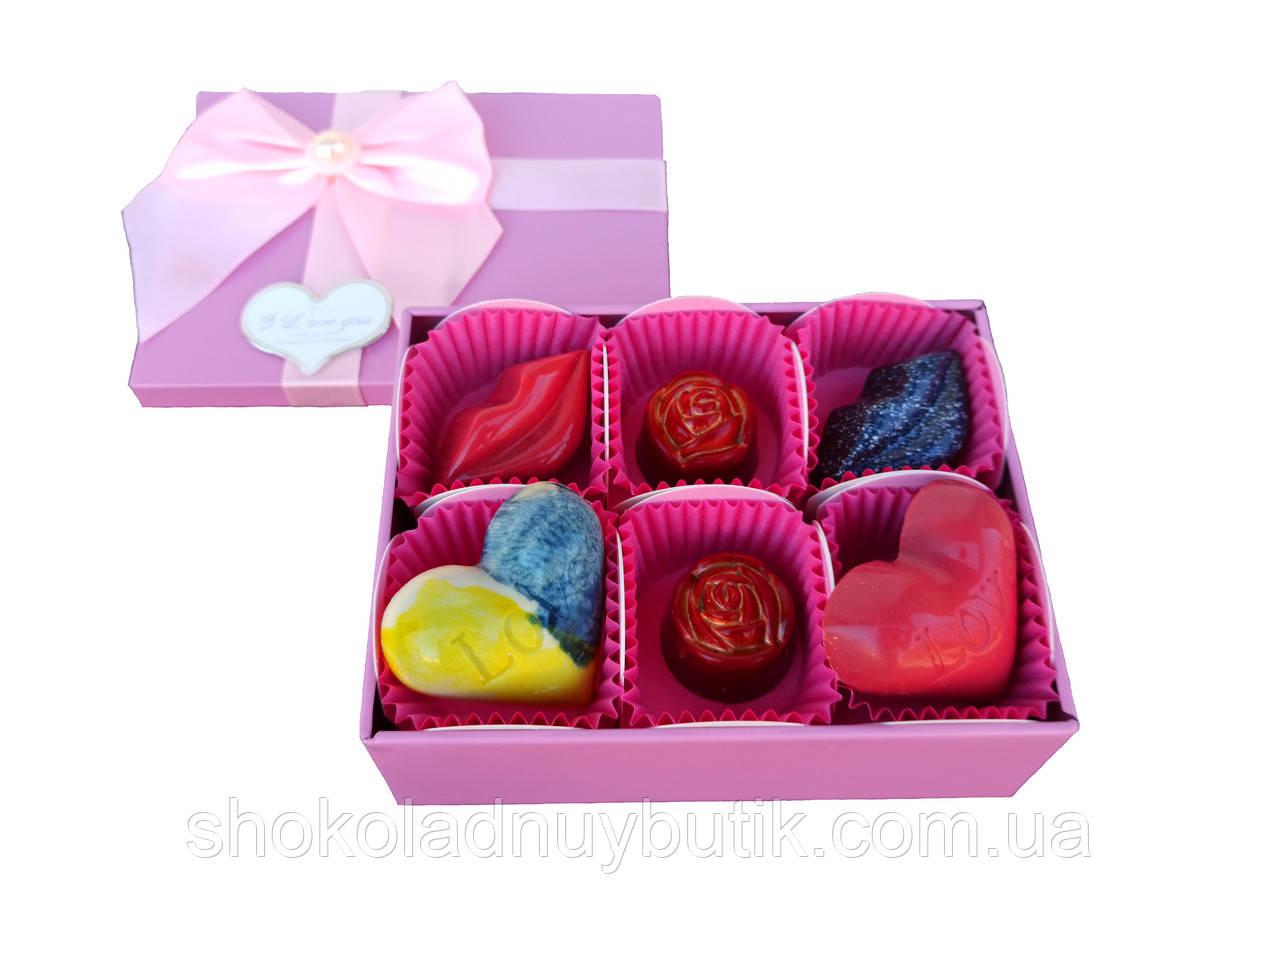 Шоколадные конфеты ручной роботы *Love story*